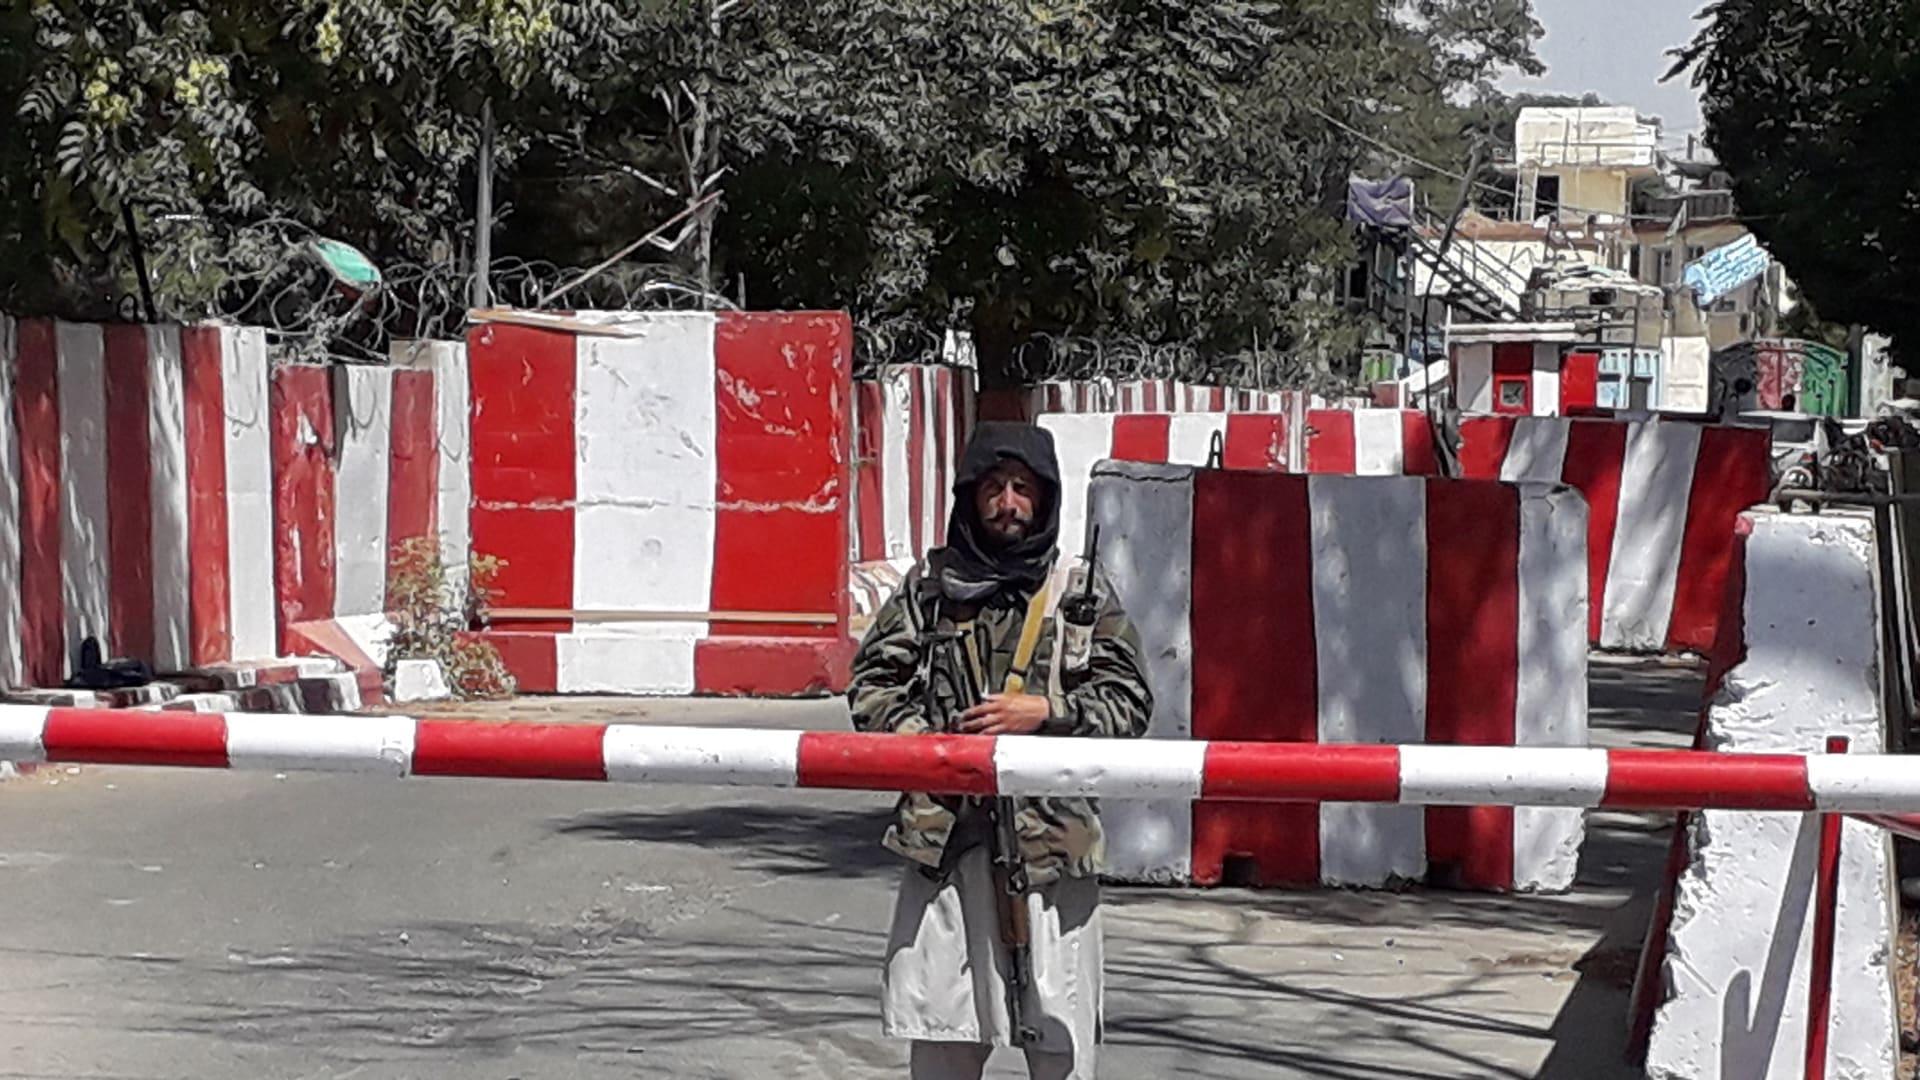 مقاتل من طالبان يقف حارسًا عند مدخل مقر الشرطة في غزنة في 12 أغسطس 2021